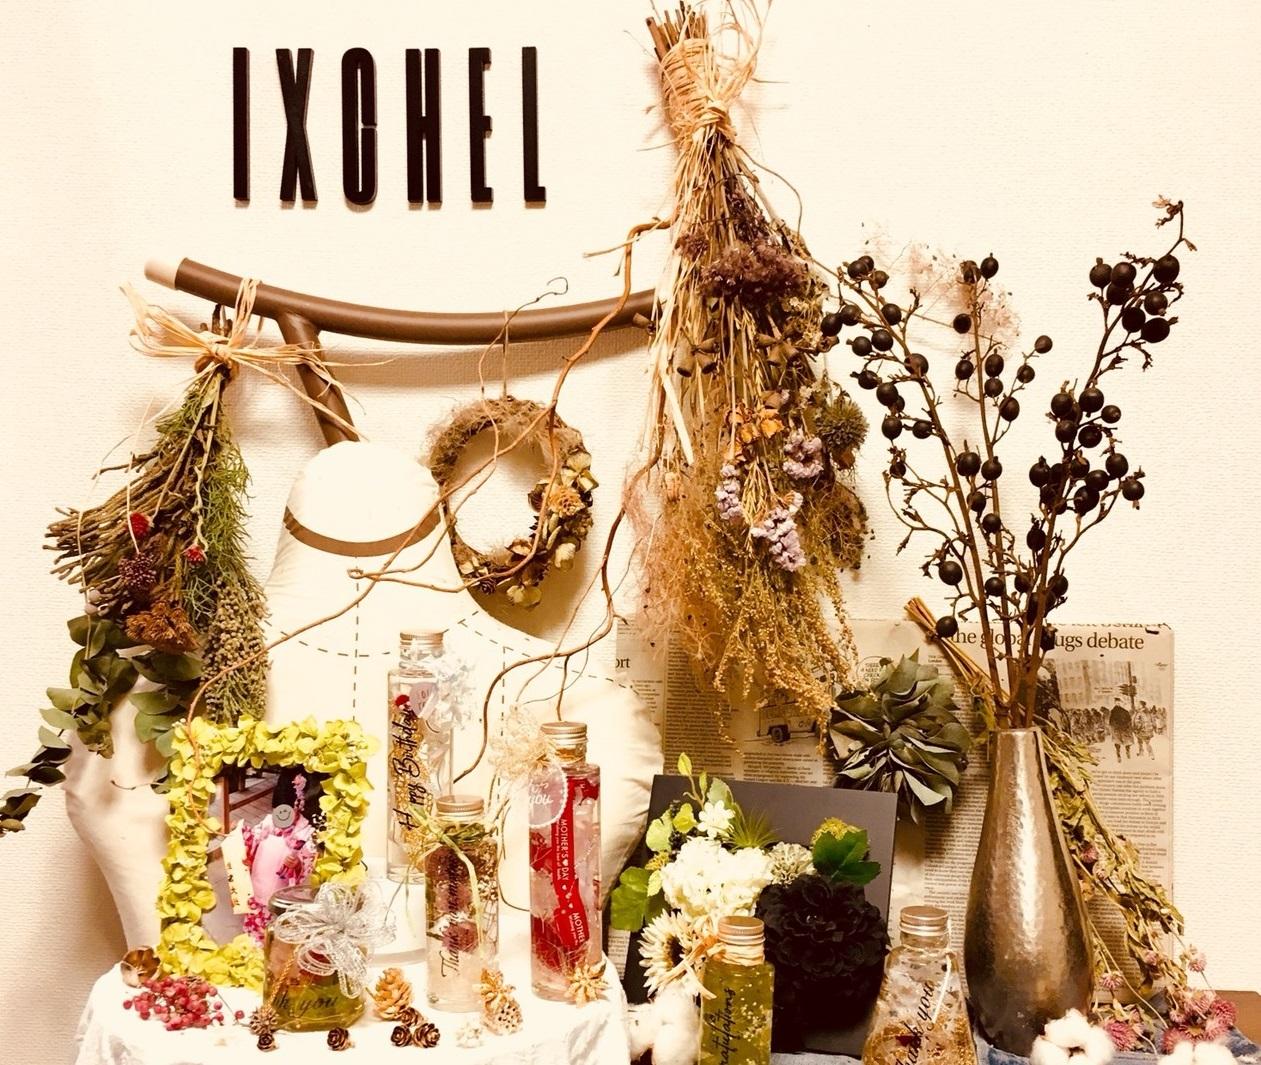 IXCHEL(イクシェル)